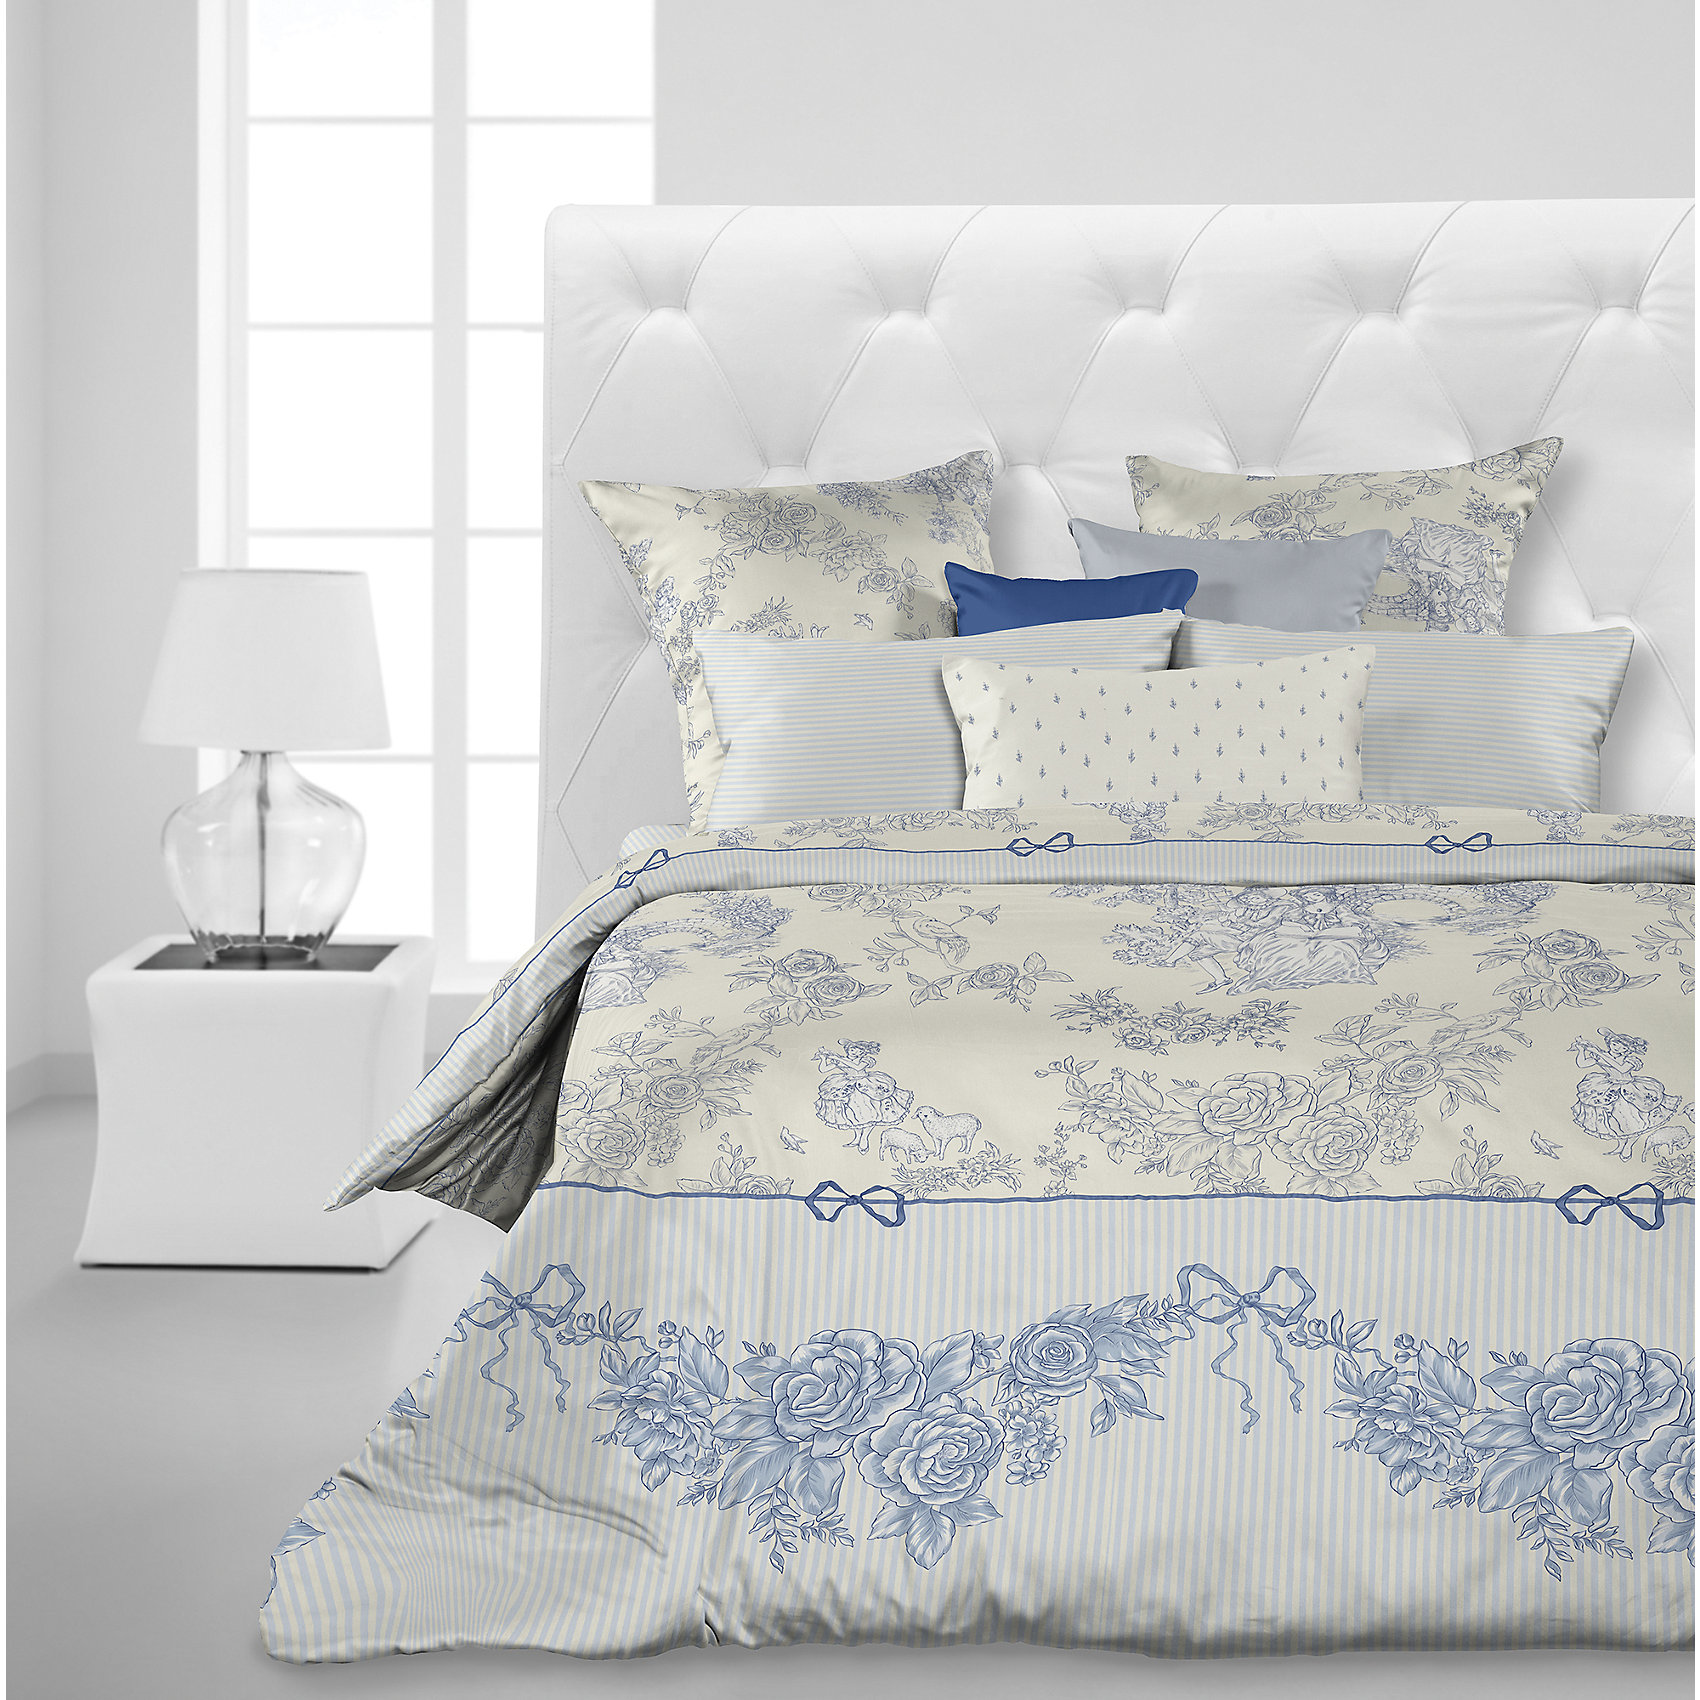 Комплект постельного белья Toile de Jouy, 2 спальное, перкаль, Carte BlancheДомашний текстиль<br>Комплект постельного белья Toile de Jouy, 2 спальное, перкаль, Carte Blanche (Карт Бланш)<br><br>Характеристики:<br><br>• хорошо пропускает воздух, позволяет коже дышать<br>• отличается высокой прочностью и износостойкостью<br>• легко гладить<br>• привлекательный дизайн<br>• в комплекте: простыня, наволочка (2 шт.), пододеяльник<br>• материал: перкаль (100% хлопок)<br>• размер простыни:240х220 см<br>• размер наволочки: 70х70 см<br>• размер пододеяльника: 175х215 см<br>• размер упаковки: 7х28х38 см<br>• вес: 2100 грамм<br><br>Комплект Toile de Jouy - отличный подарок для ценителей комфортного сна. Белье изготовлено из перкаля, известного такими свойствами как прочность и износостойкость. Оно очень приятно телу и, кроме того, оно хорошо пропускает воздух, благодаря чему кожа дышит во время отдыха. Хозяек белье из перкали порадует неприхотливостью в уходе. Комплект декорирован роскошным узором, который украсит вашу спальню. В комплект входят две наволочки, простынь и пододеяльник.<br><br>Комплект постельного белья Toile de Jouy, 2 спальное, перкаль, Carte Blanche (Карт Бланш) вы можете купить в нашем интернет-магазине.<br><br>Ширина мм: 380<br>Глубина мм: 280<br>Высота мм: 70<br>Вес г: 2100<br>Возраст от месяцев: 36<br>Возраст до месяцев: 216<br>Пол: Женский<br>Возраст: Детский<br>SKU: 5430852